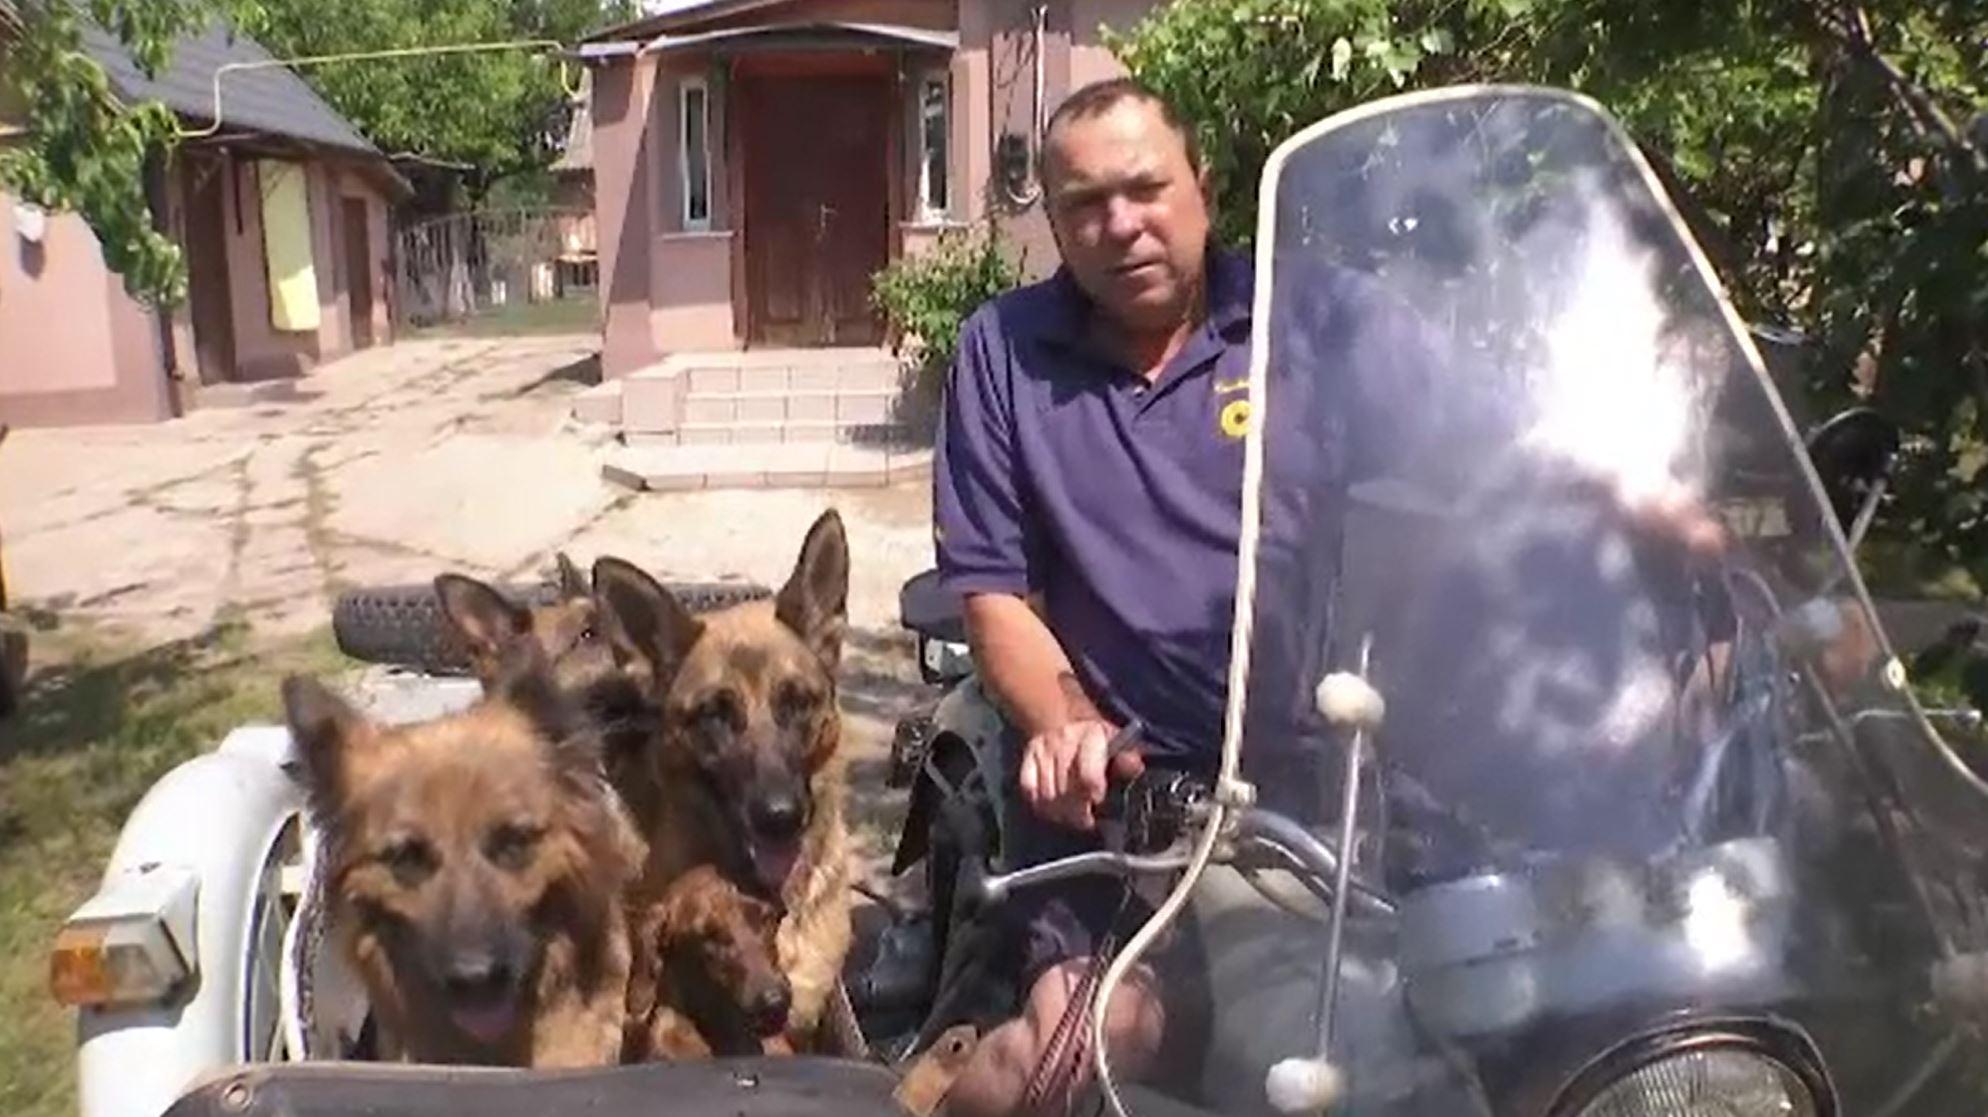 Un ucrainean a devenit celebru în urma unui video postat pe internet. Cum își plimba câinii